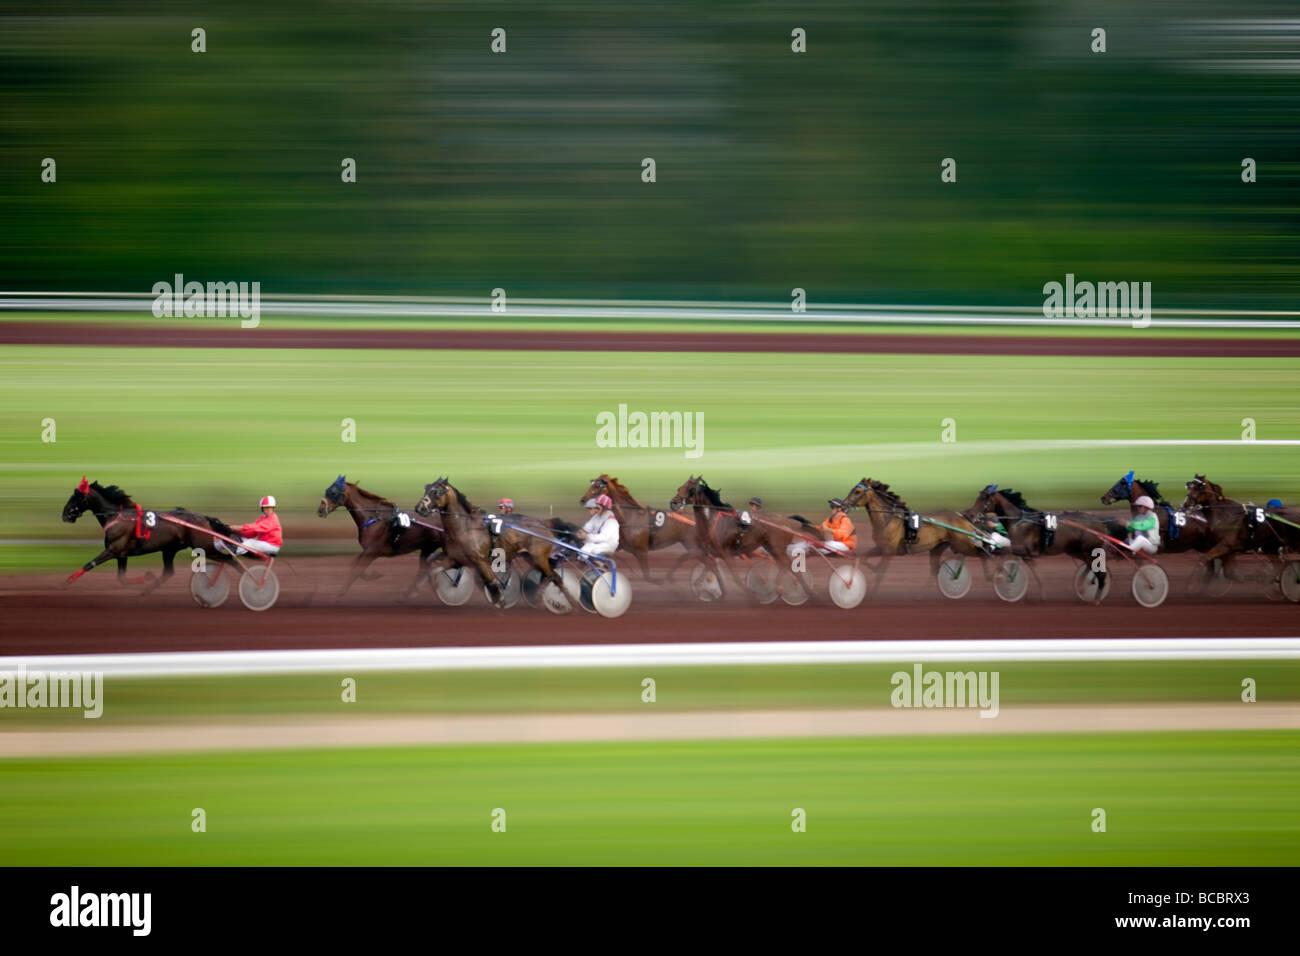 Una carrera de caballos en el hipódromo 'Bellerive', en Vichy (Francia). Curso de trote attelé Imagen De Stock